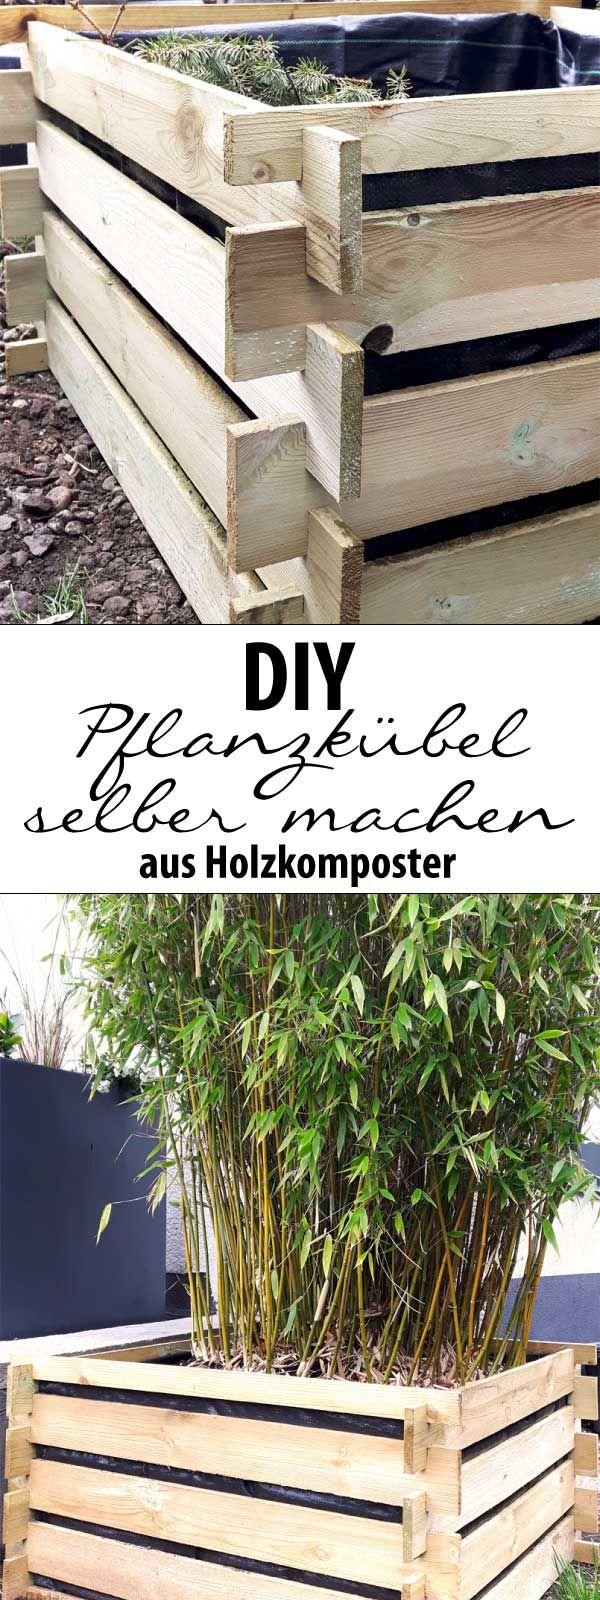 DIY: Pflanzkübel selber machen aus Holzkomposter - schnell & günstig!